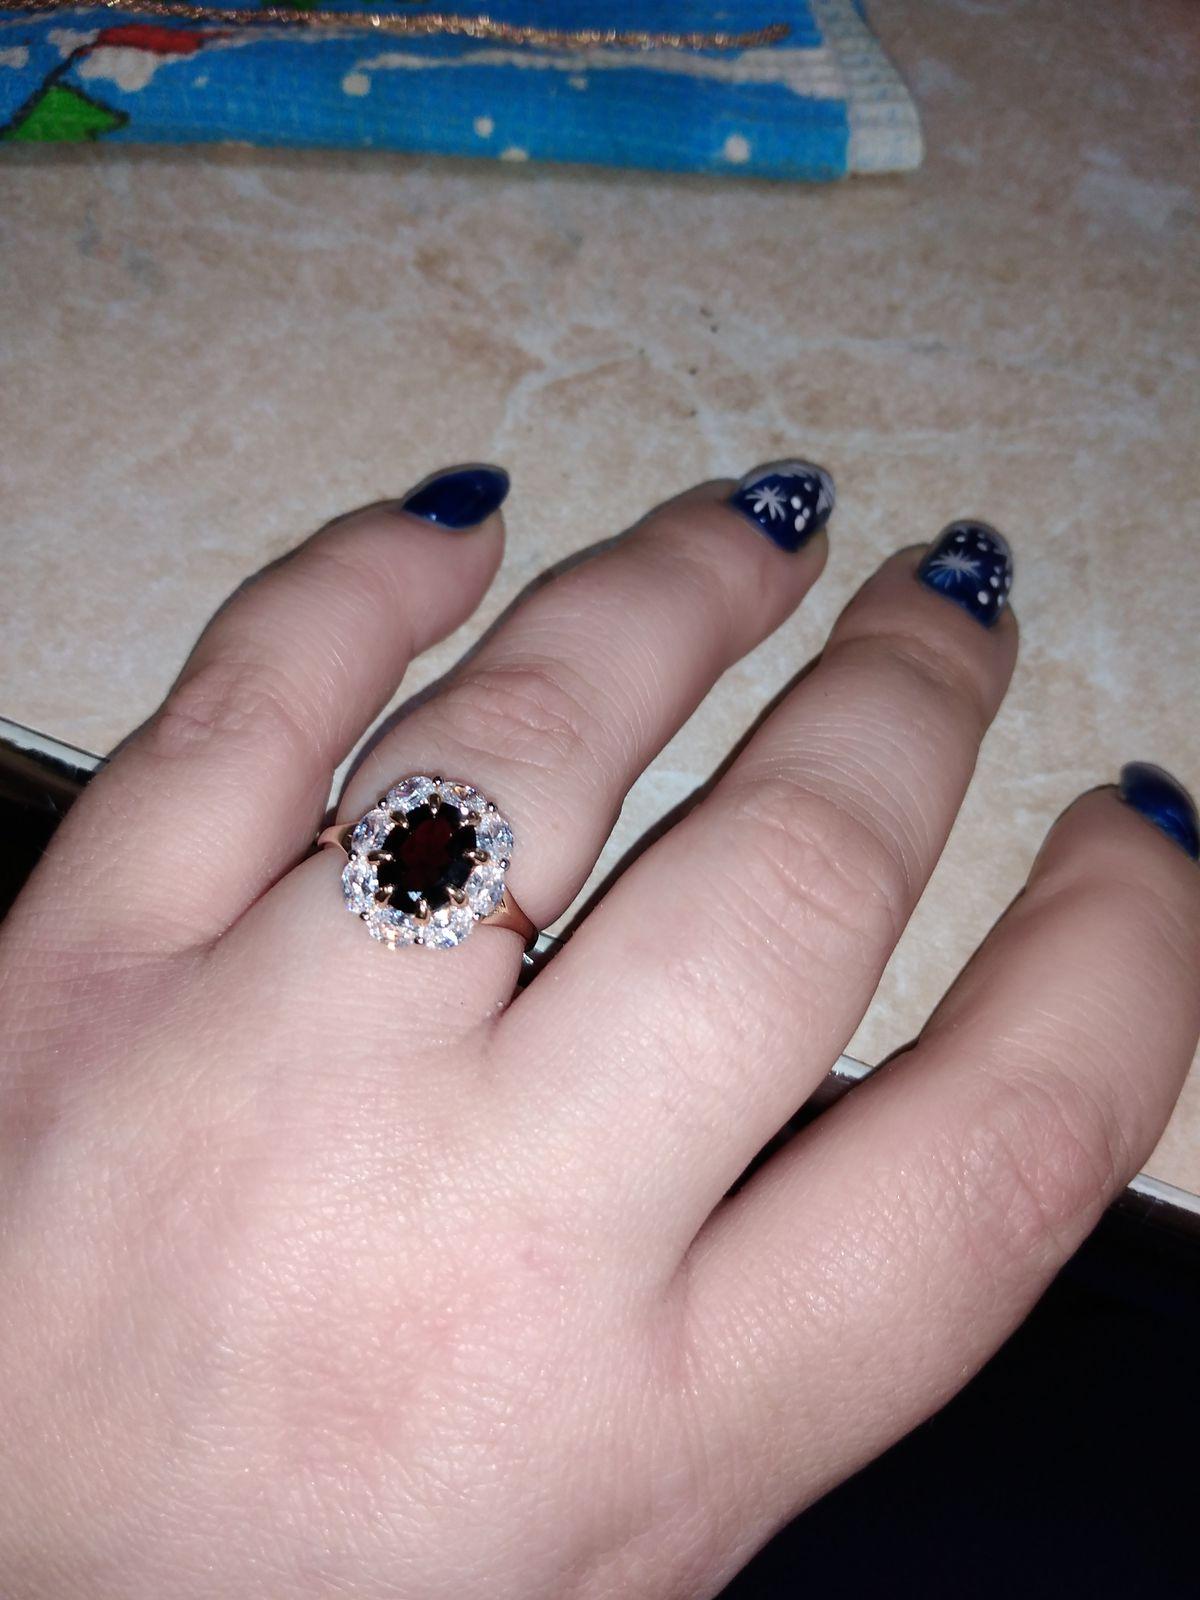 Кольцо очень красивое!!!!